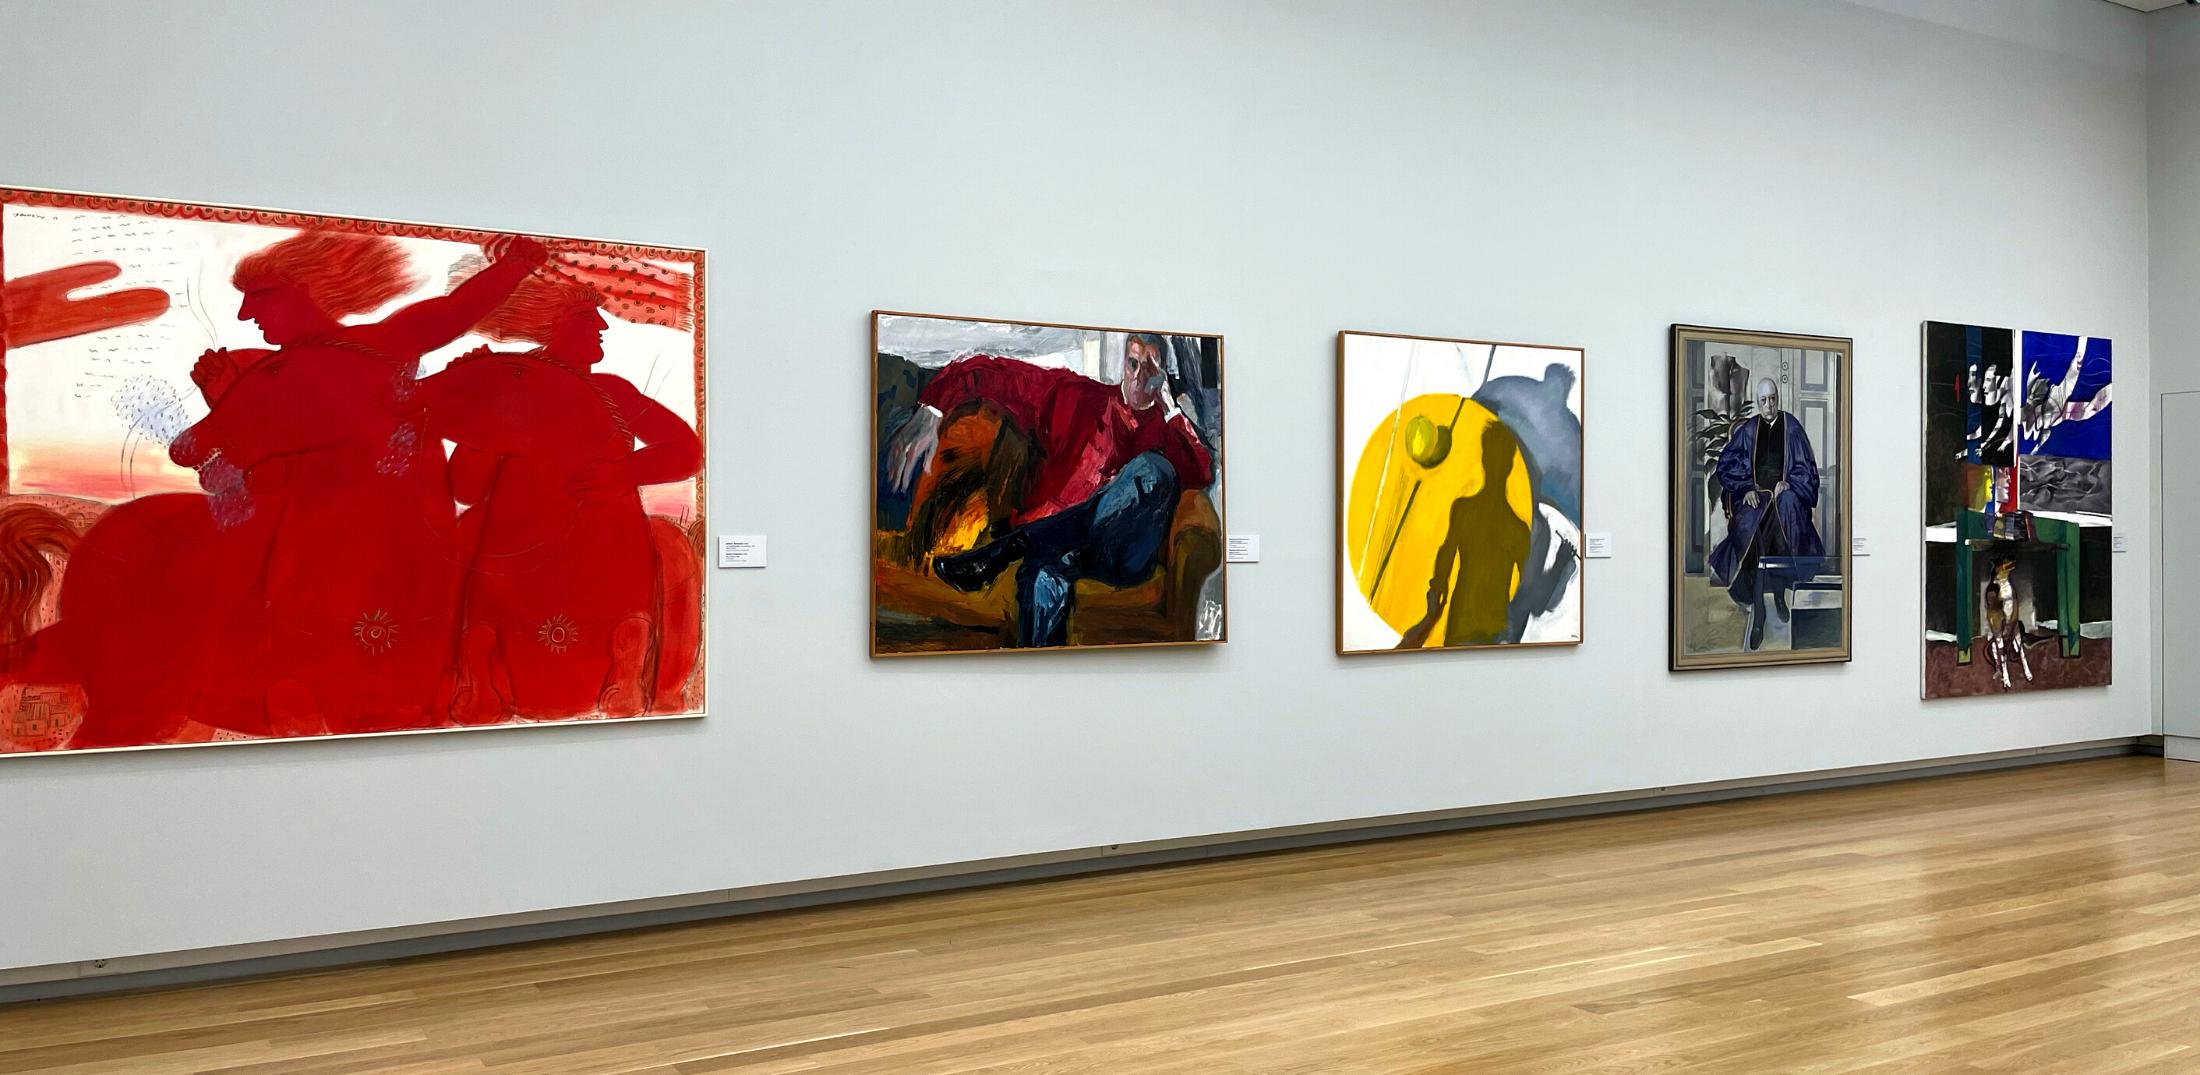 Μια βόλτα στη Νέα Εθνική Πινακοθήκη